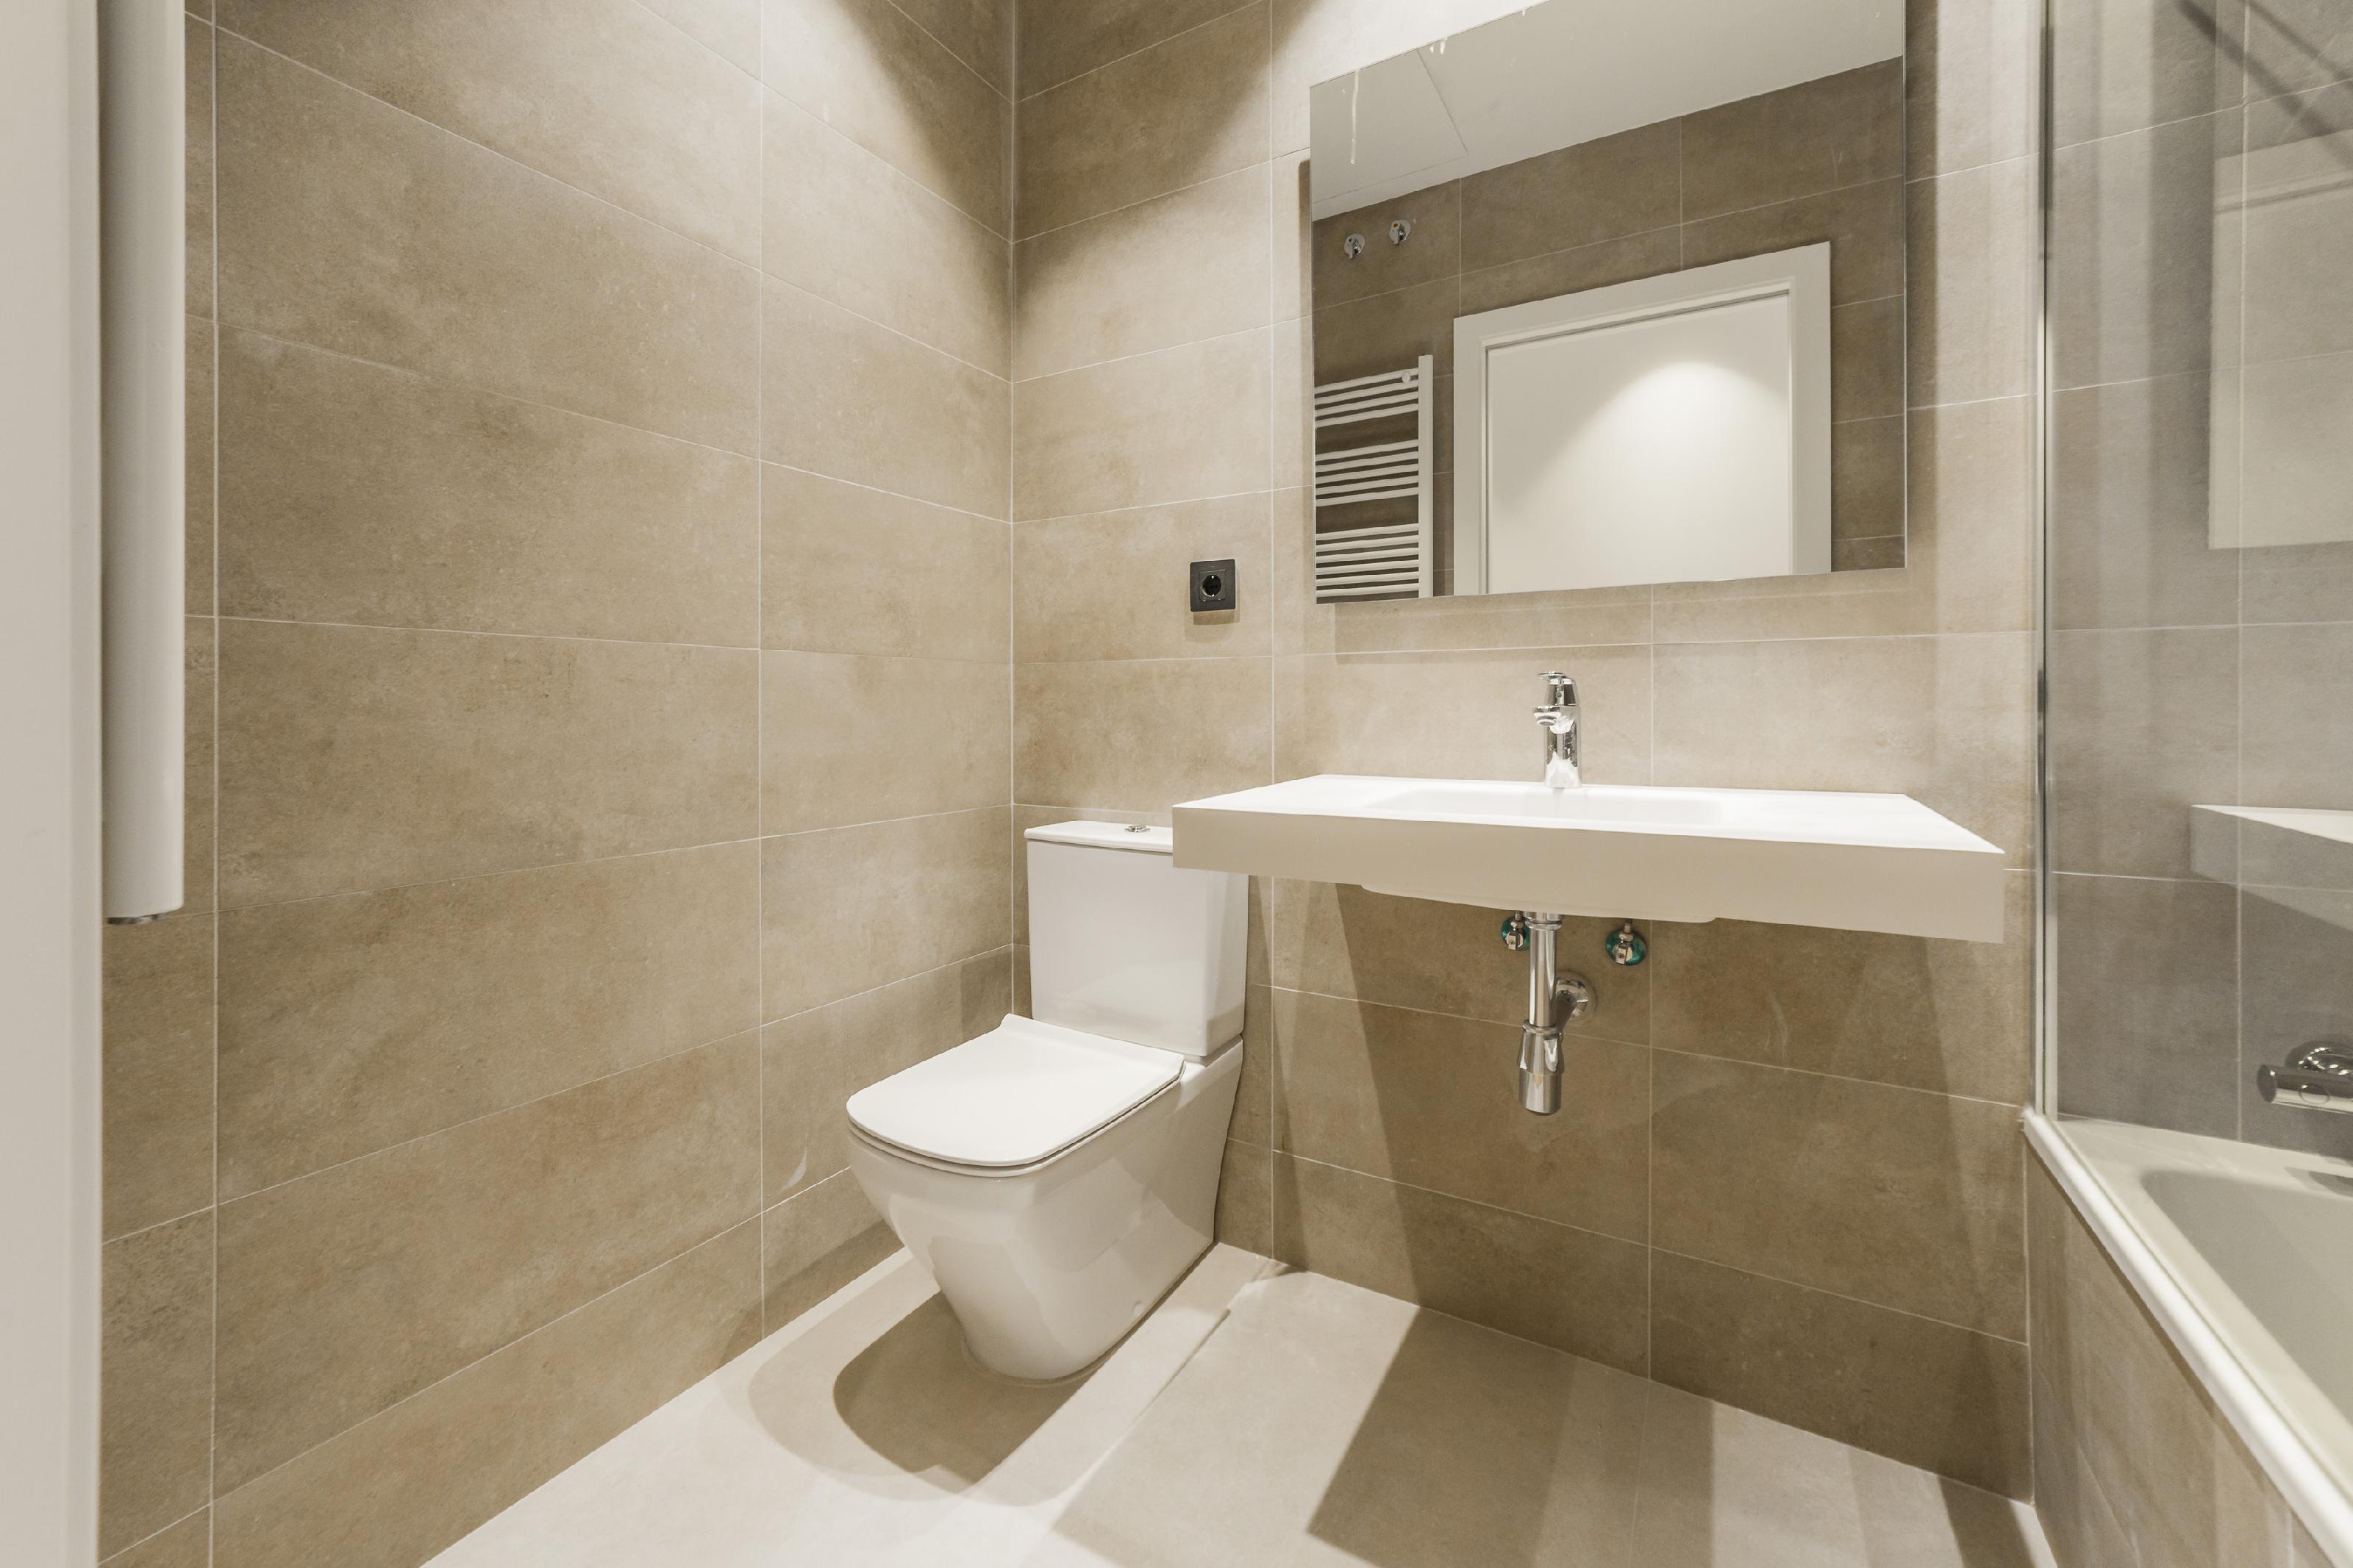 251949 Apartment for sale in Eixample, Antiga Esquerre Eixample 21